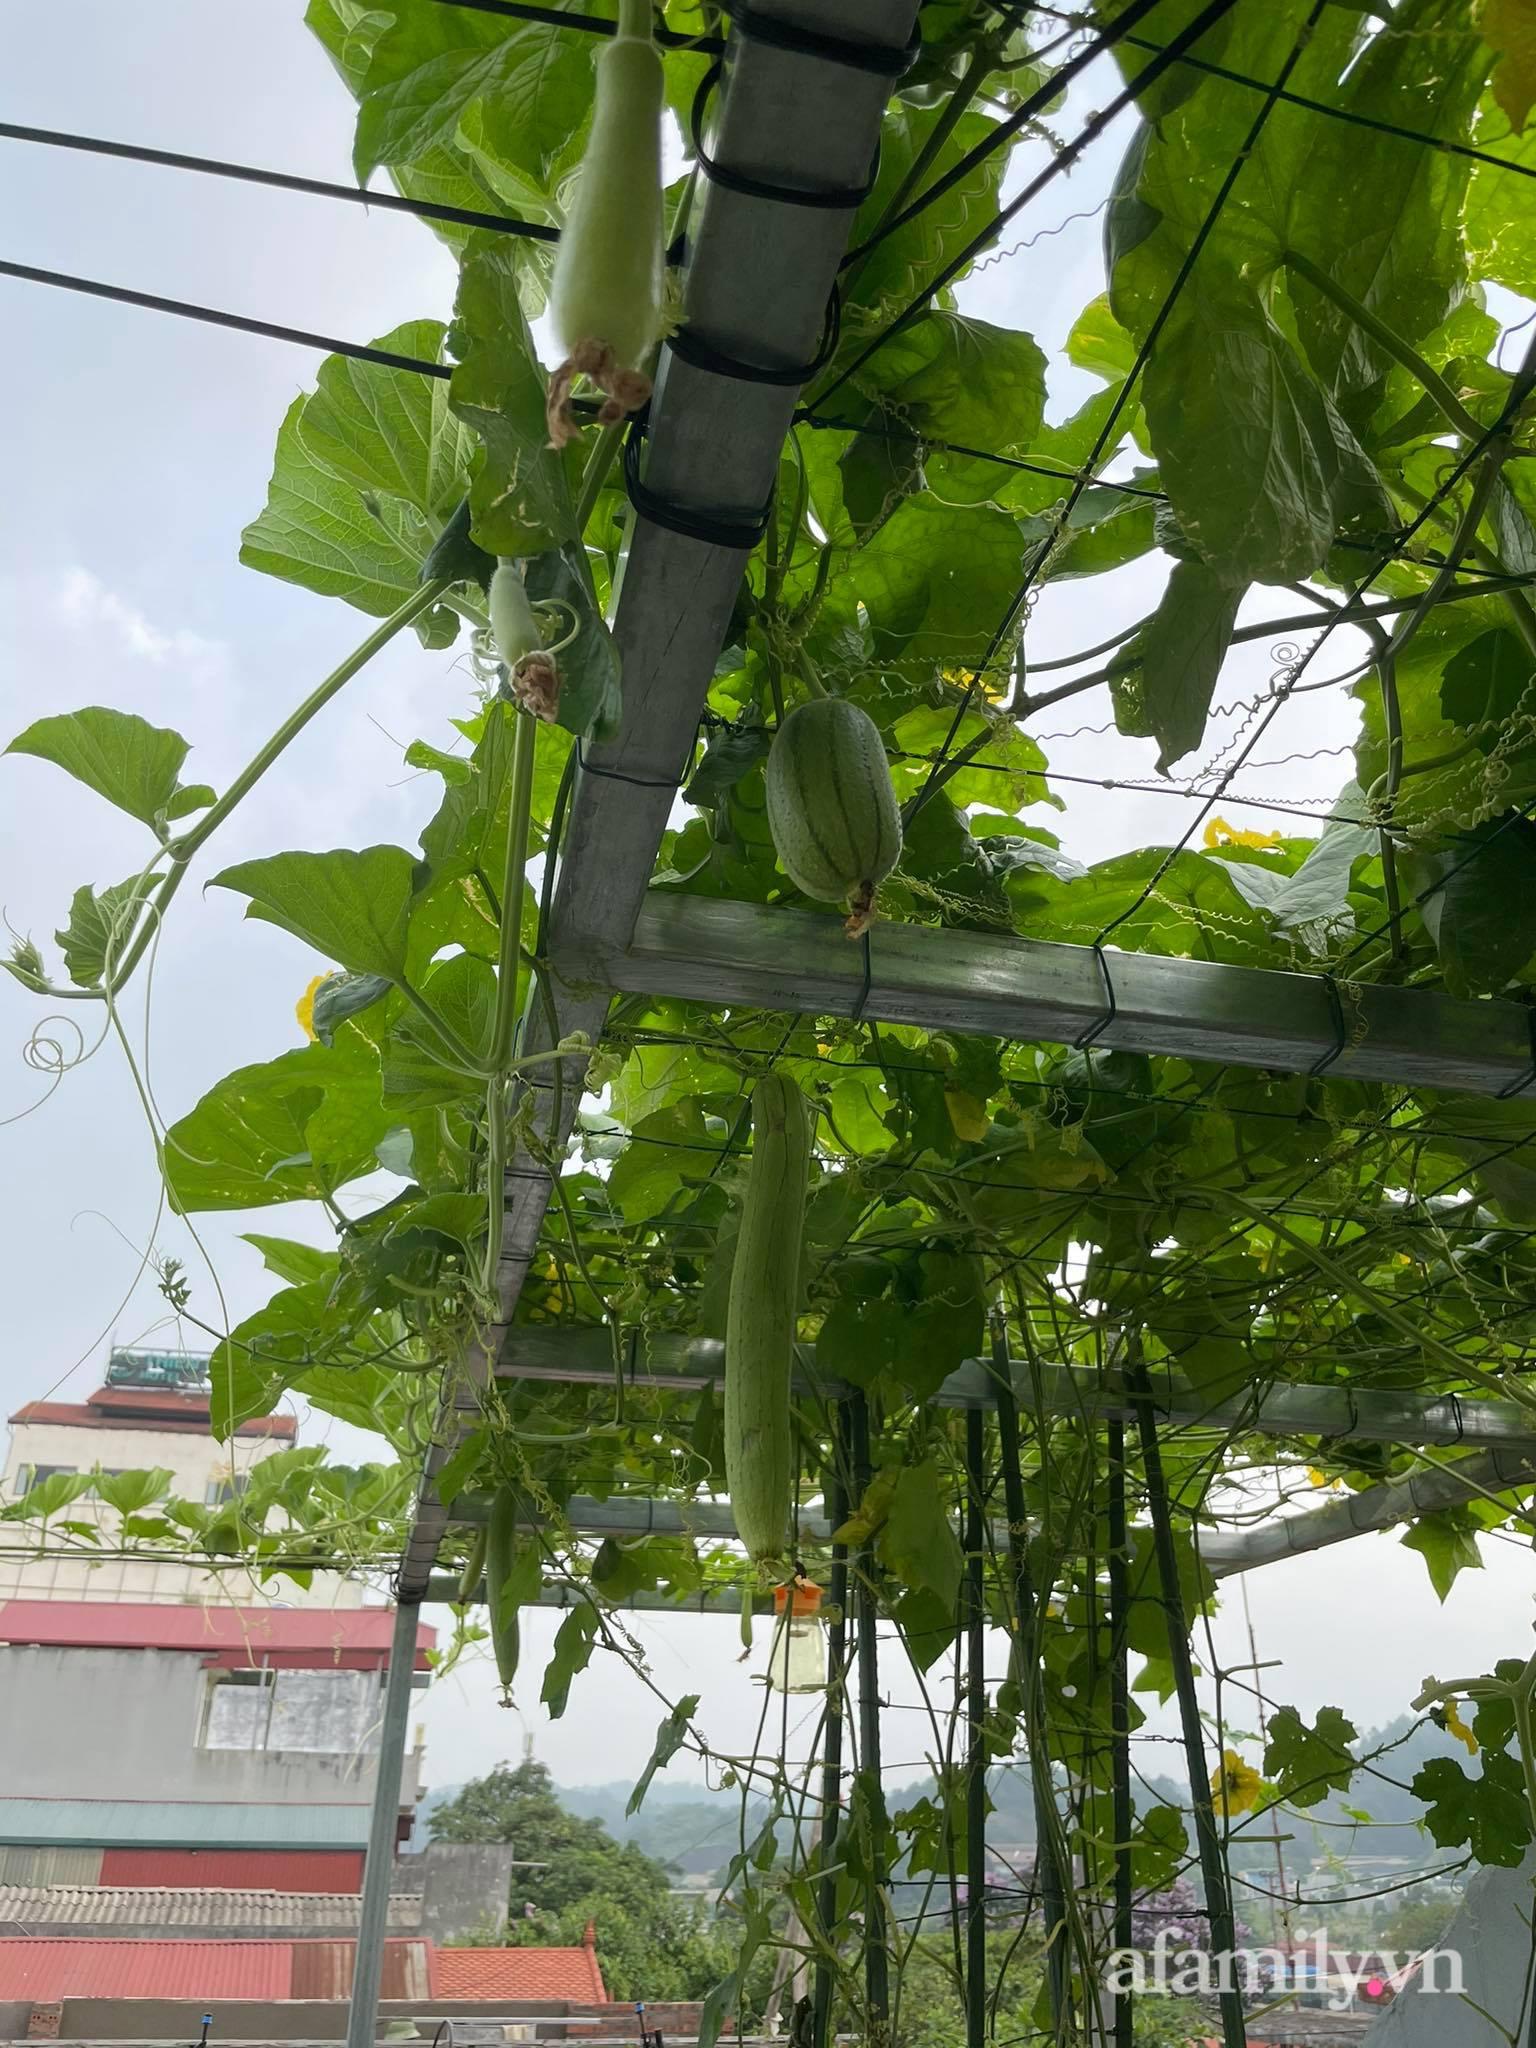 Sân thượng quanh năm bội thu rau trái nhờ bàn tay đảm đang của người mẹ trẻ ở Lào Cai - Ảnh 6.